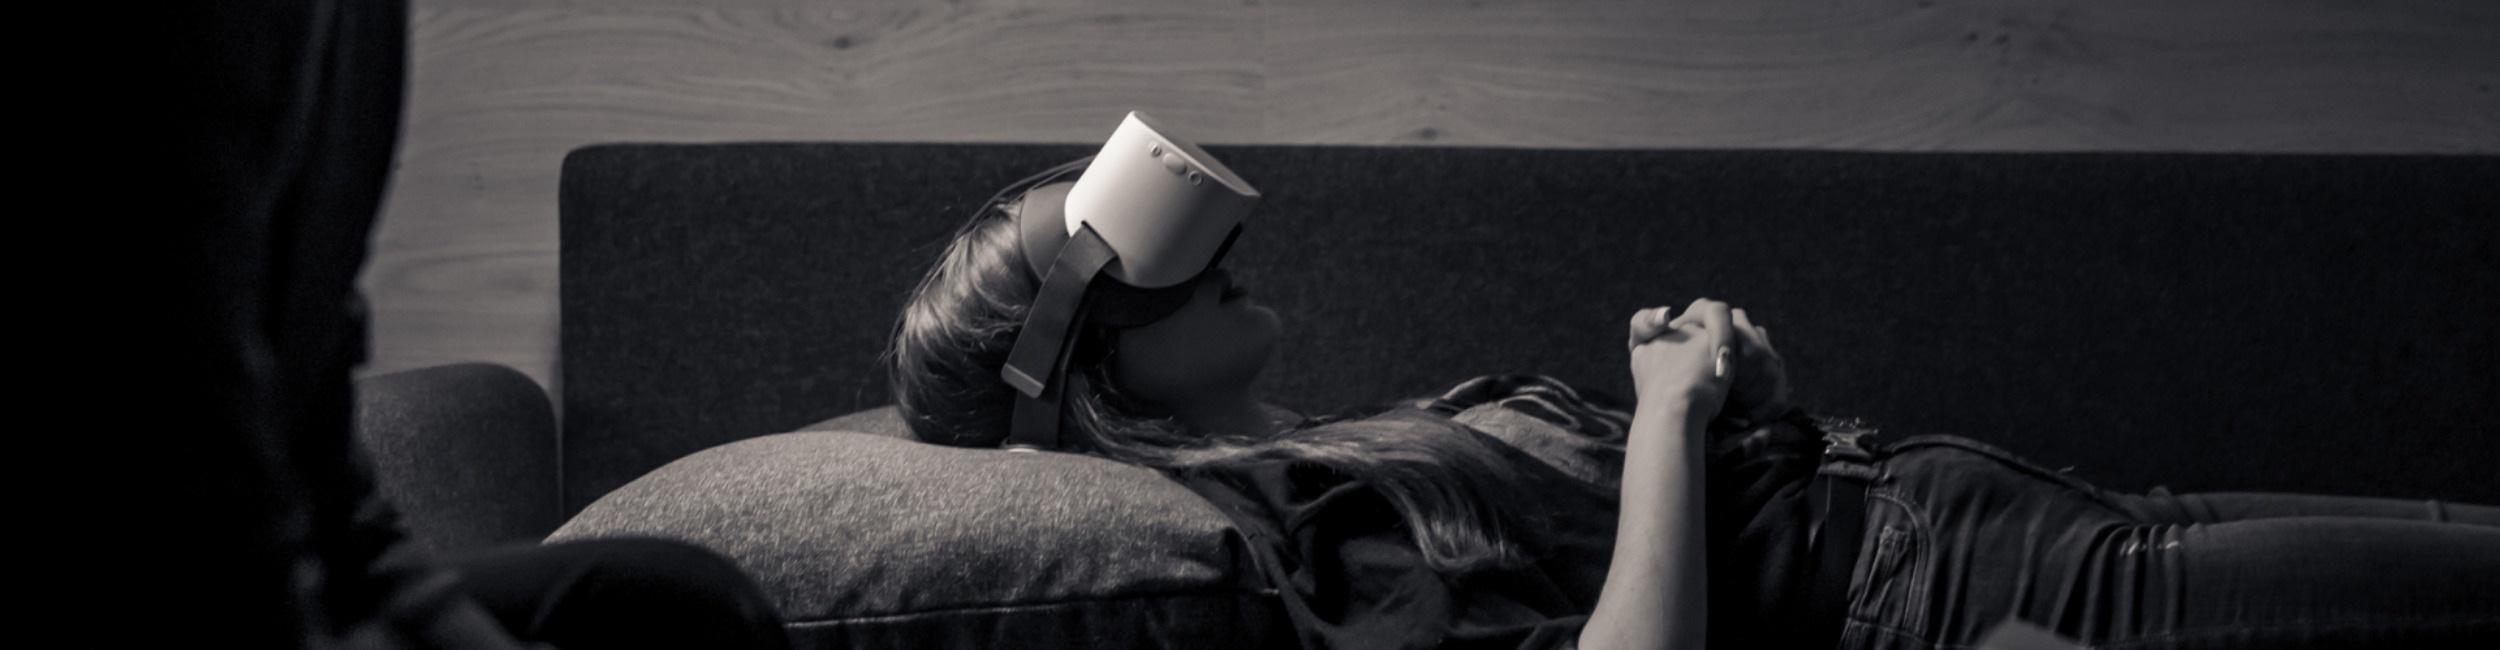 VR expozičná terapia